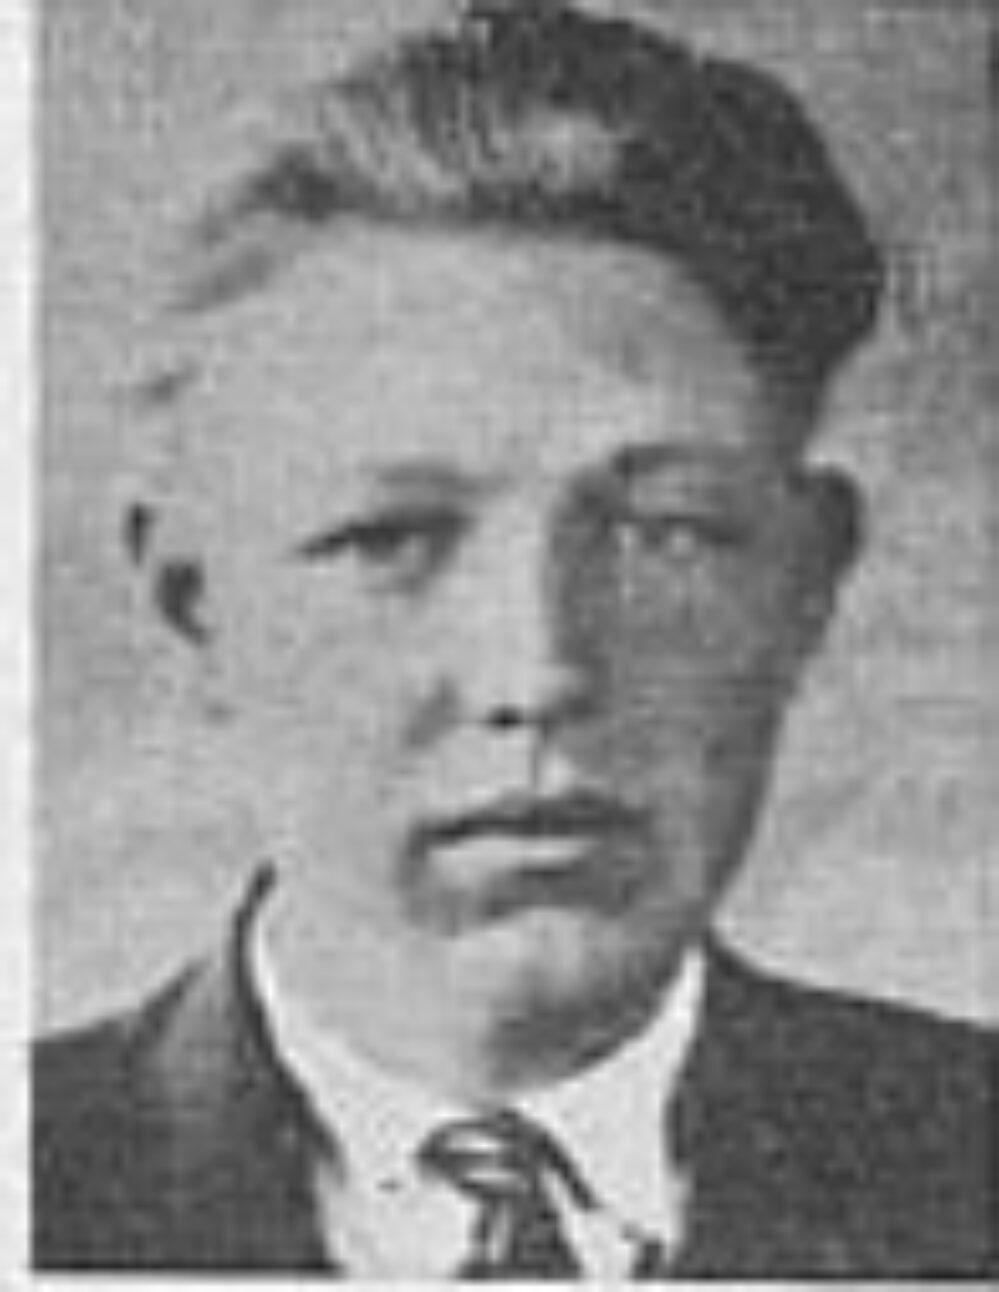 Lars Petter Thomassen